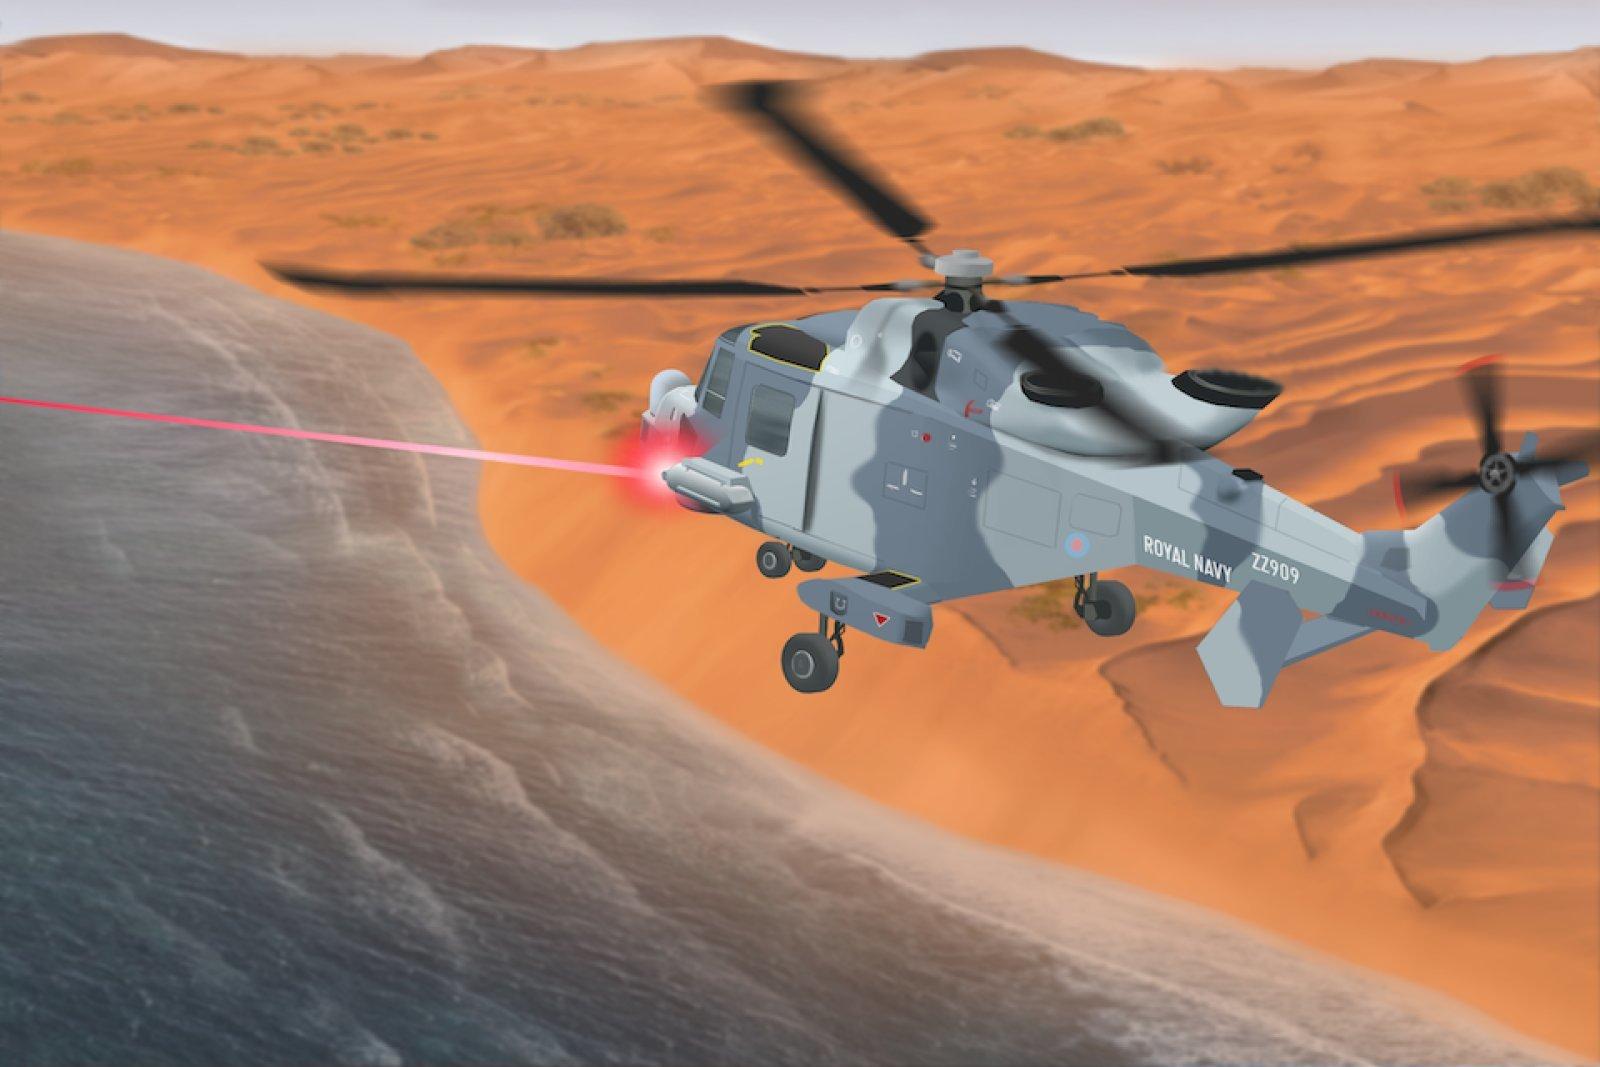 سلاحهای لیزری قدرتمند بریتانیا موشکها و هواپیماهای بدون سرنشین را در آسمان نابود میکند